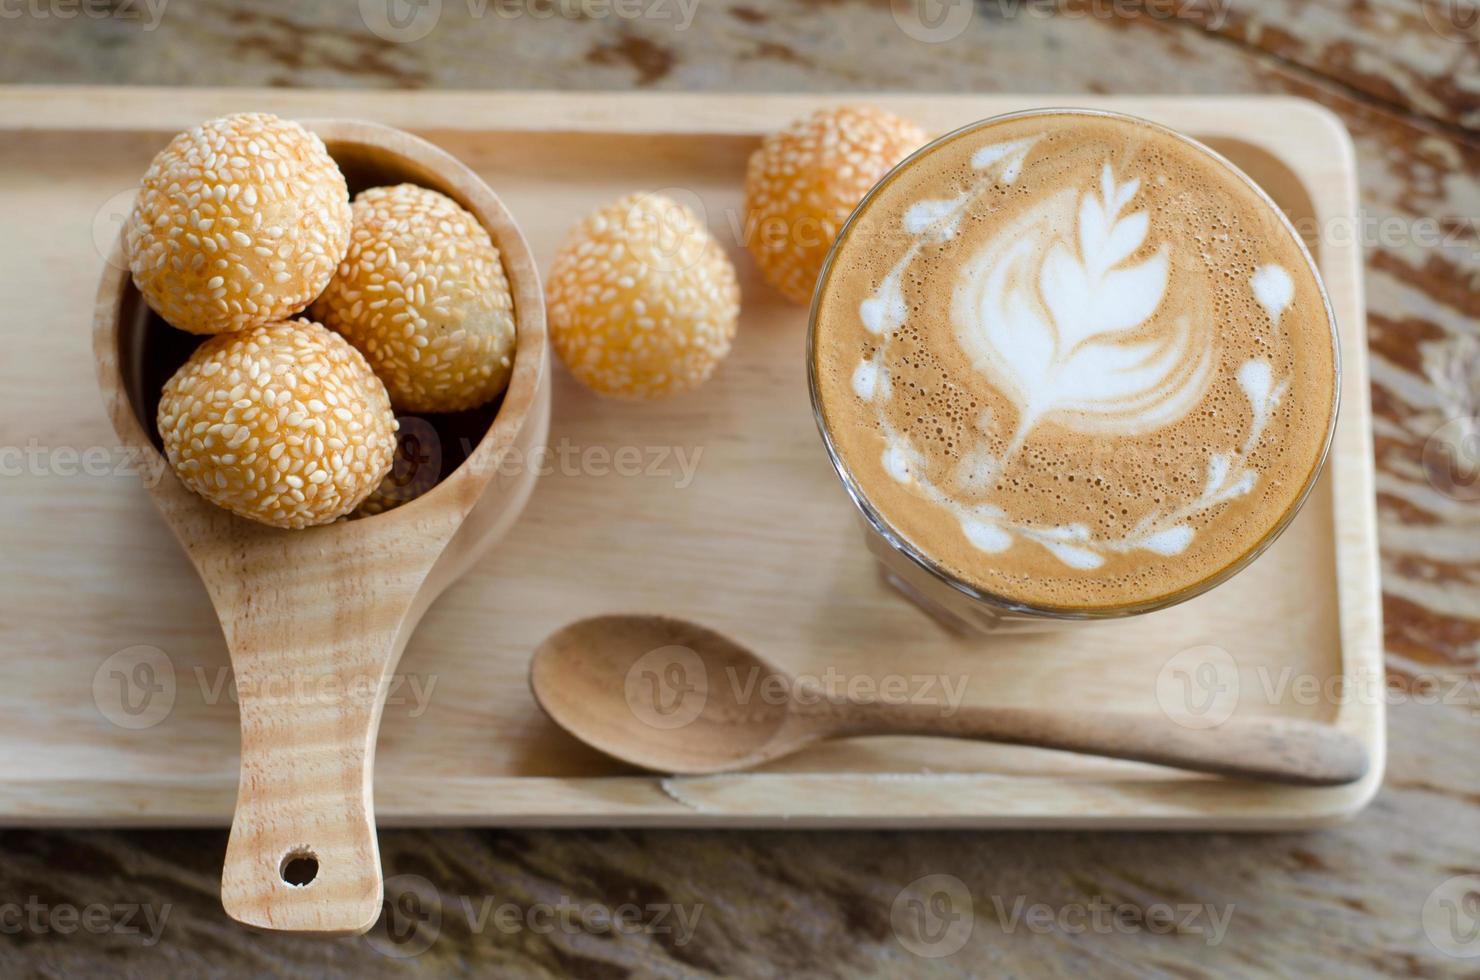 latte art café et bonbons oeufs cygne photo